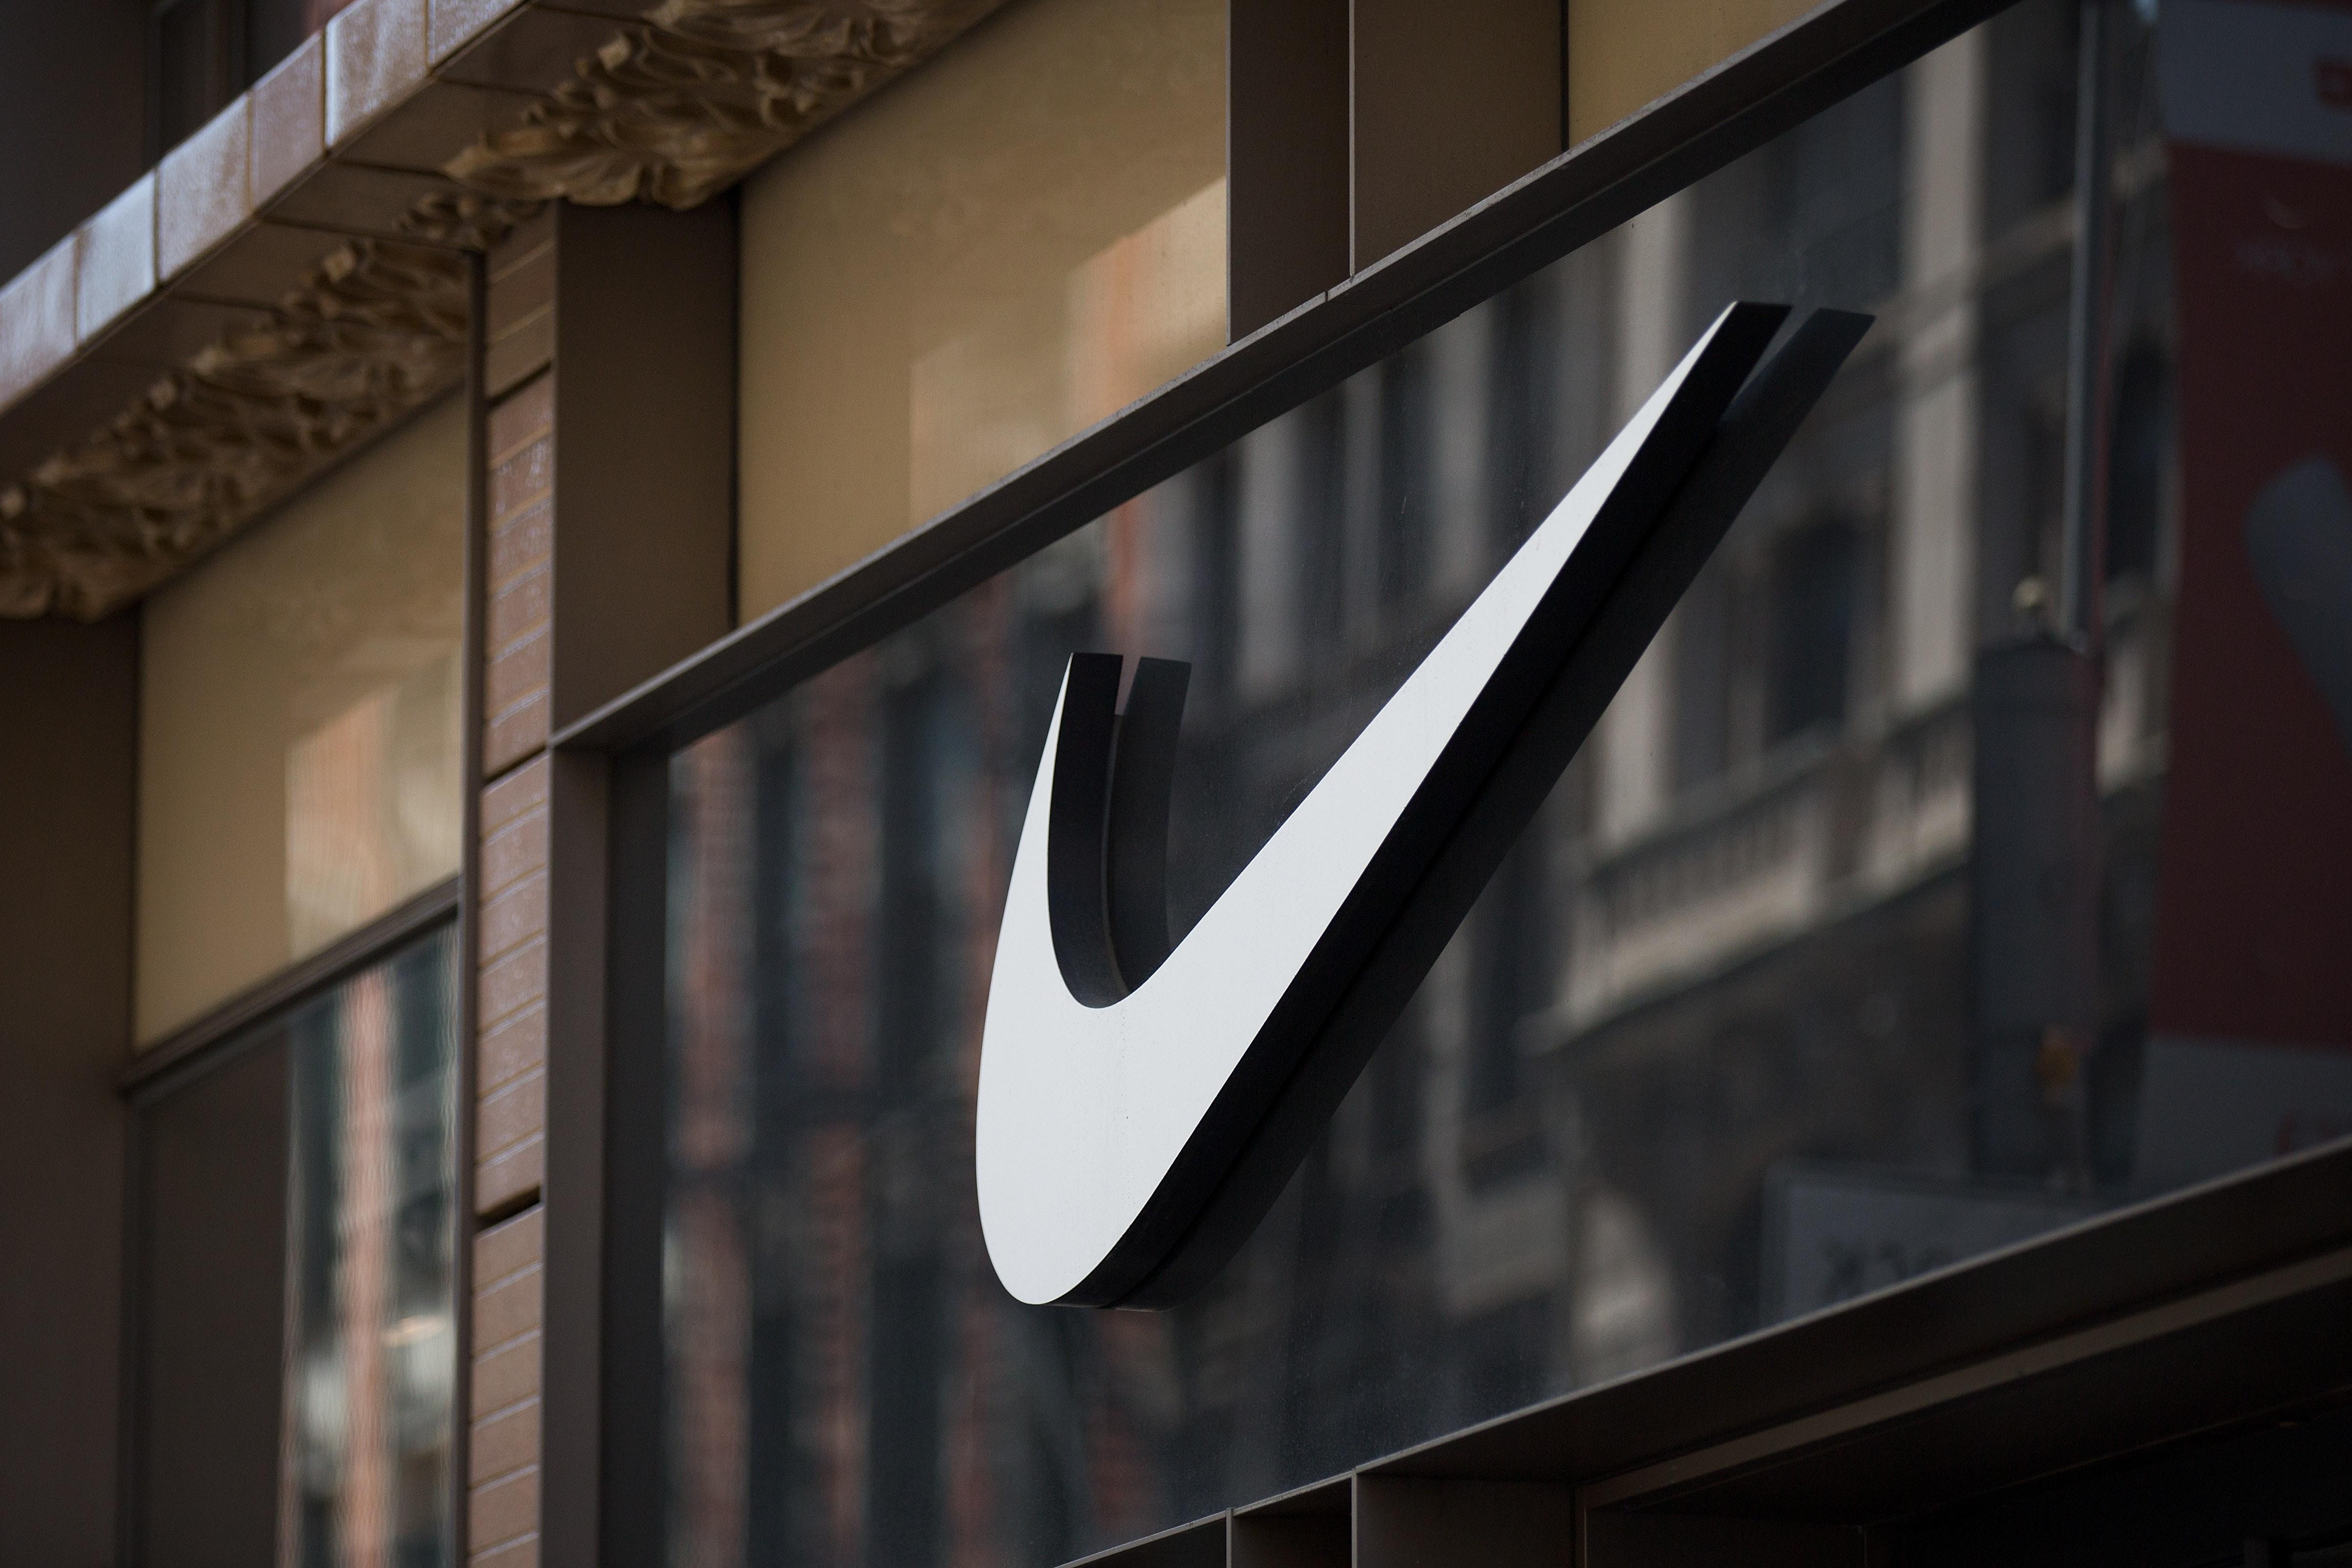 Leste ikke gjennom hele kontrakten med Nike